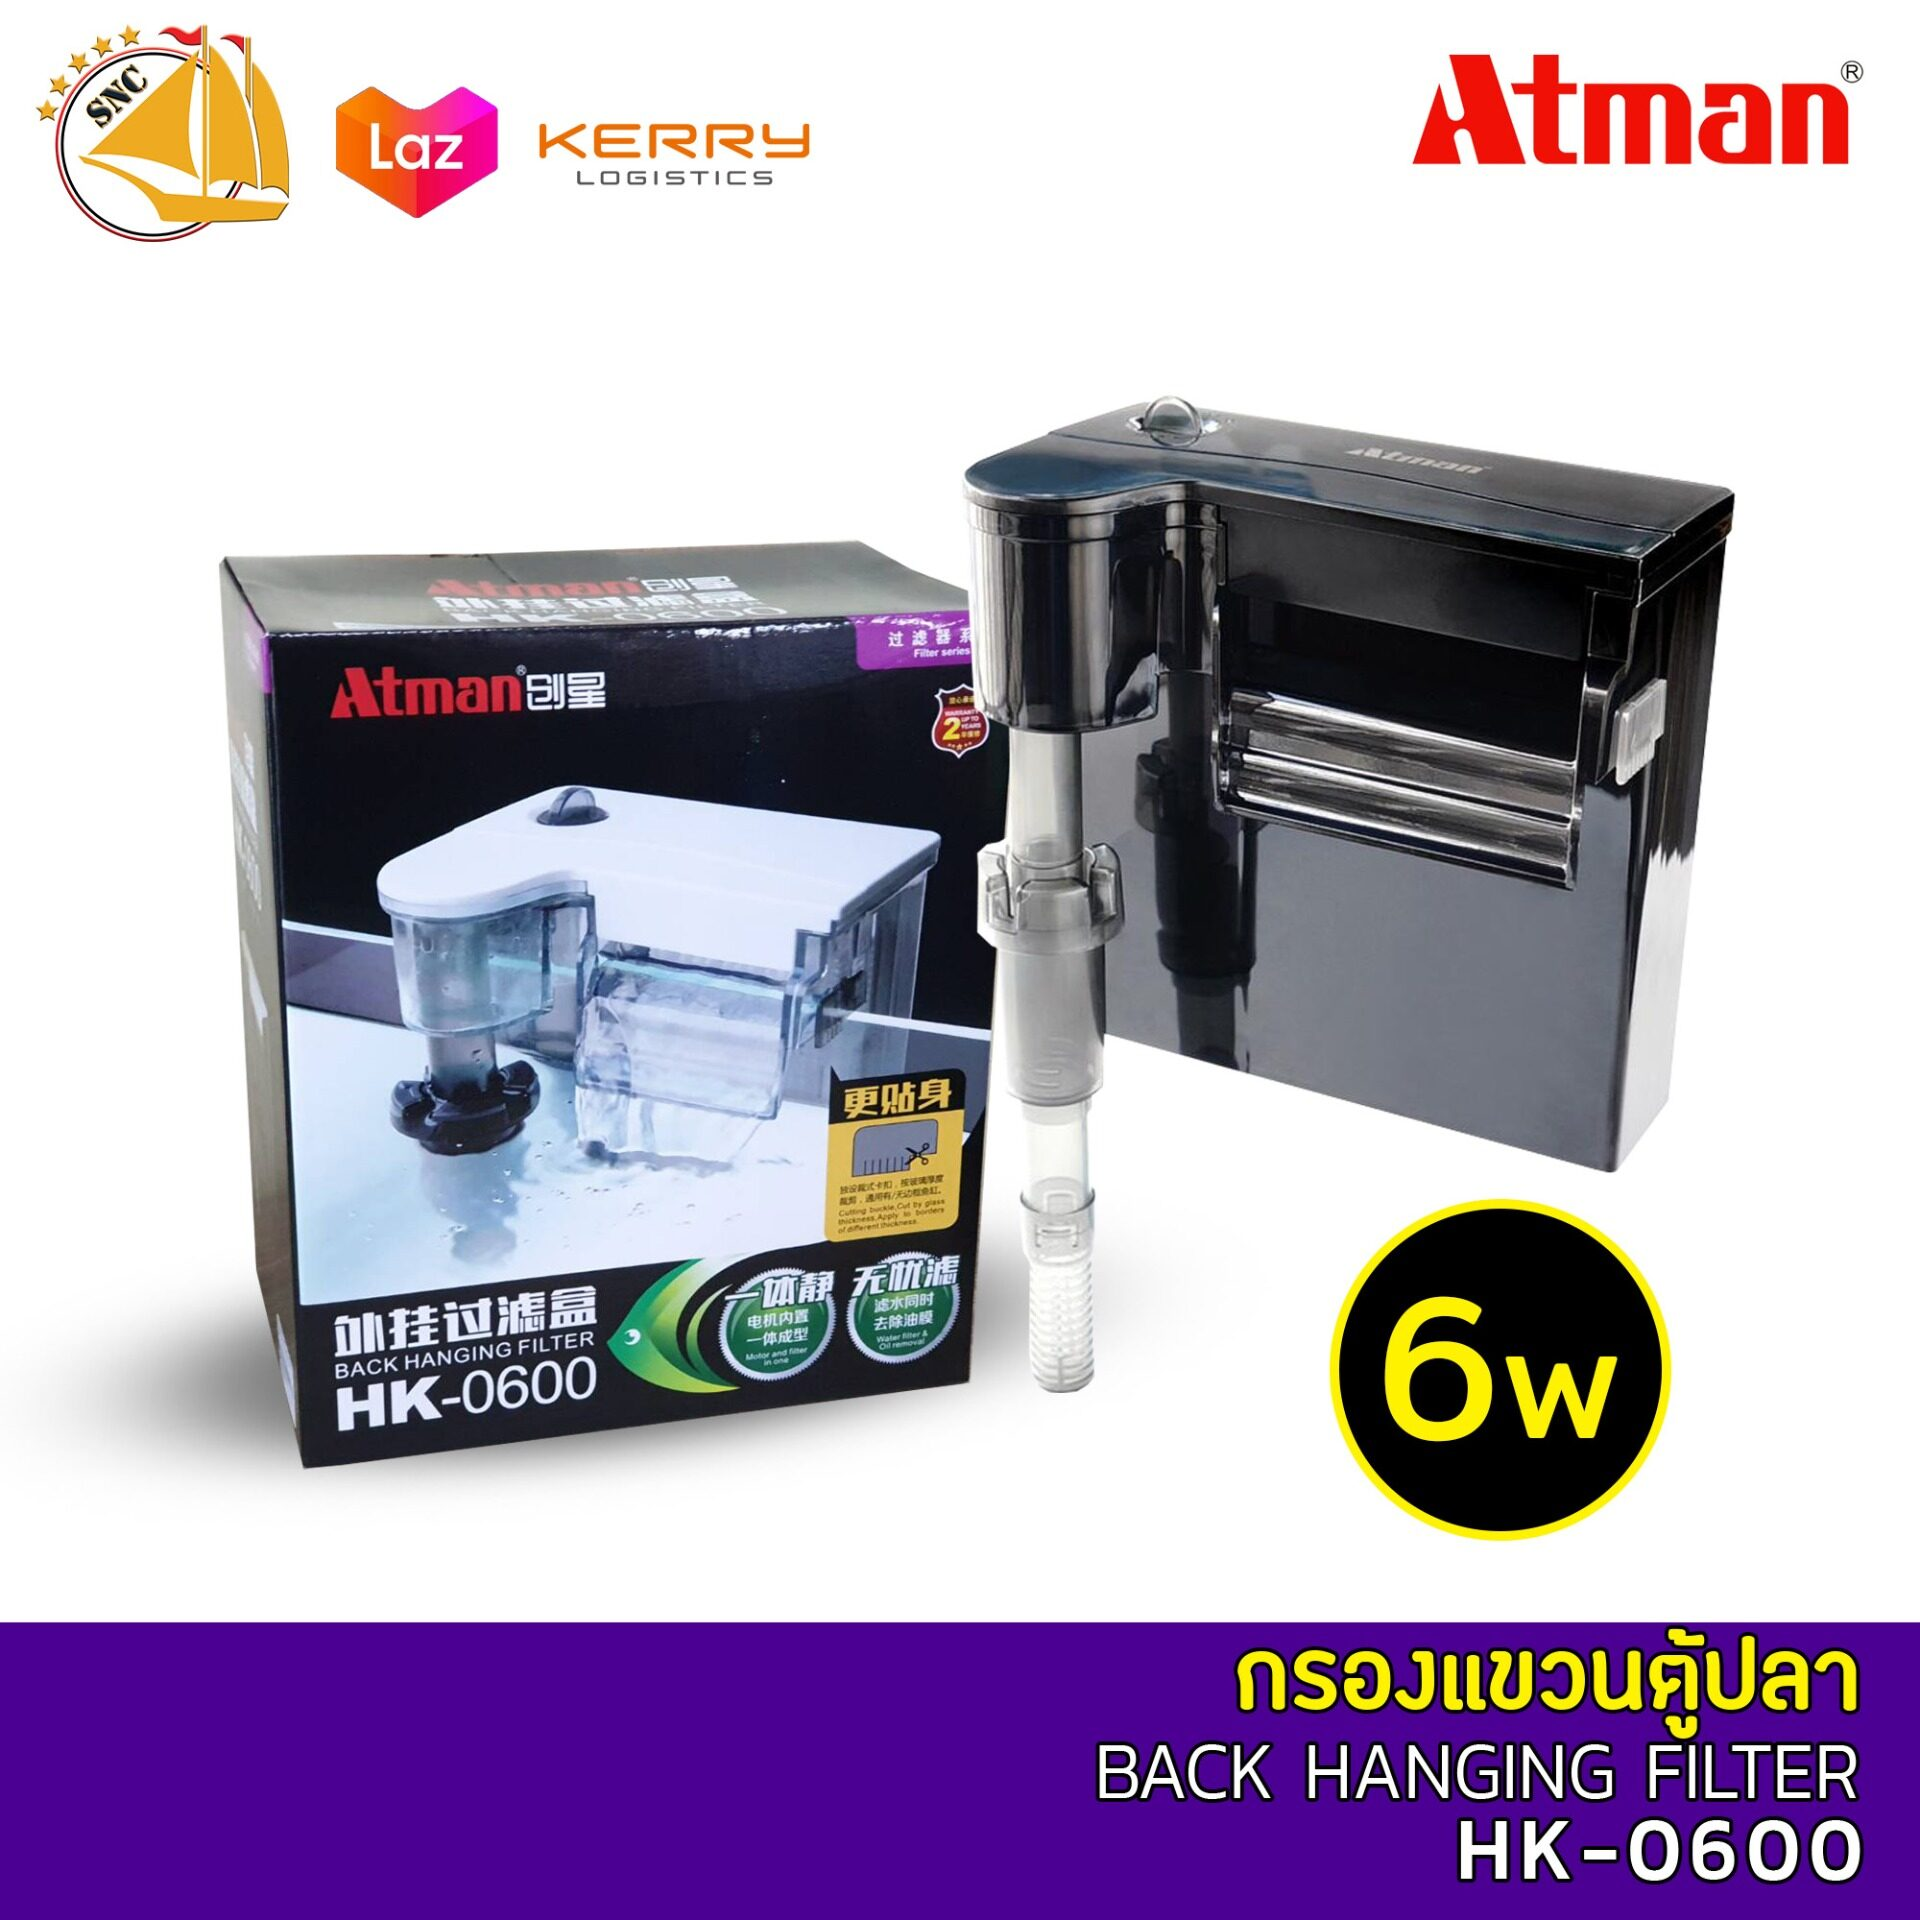 ATMAN Back Hanging Filter HK-0600 กรองแขวนข้างตู้